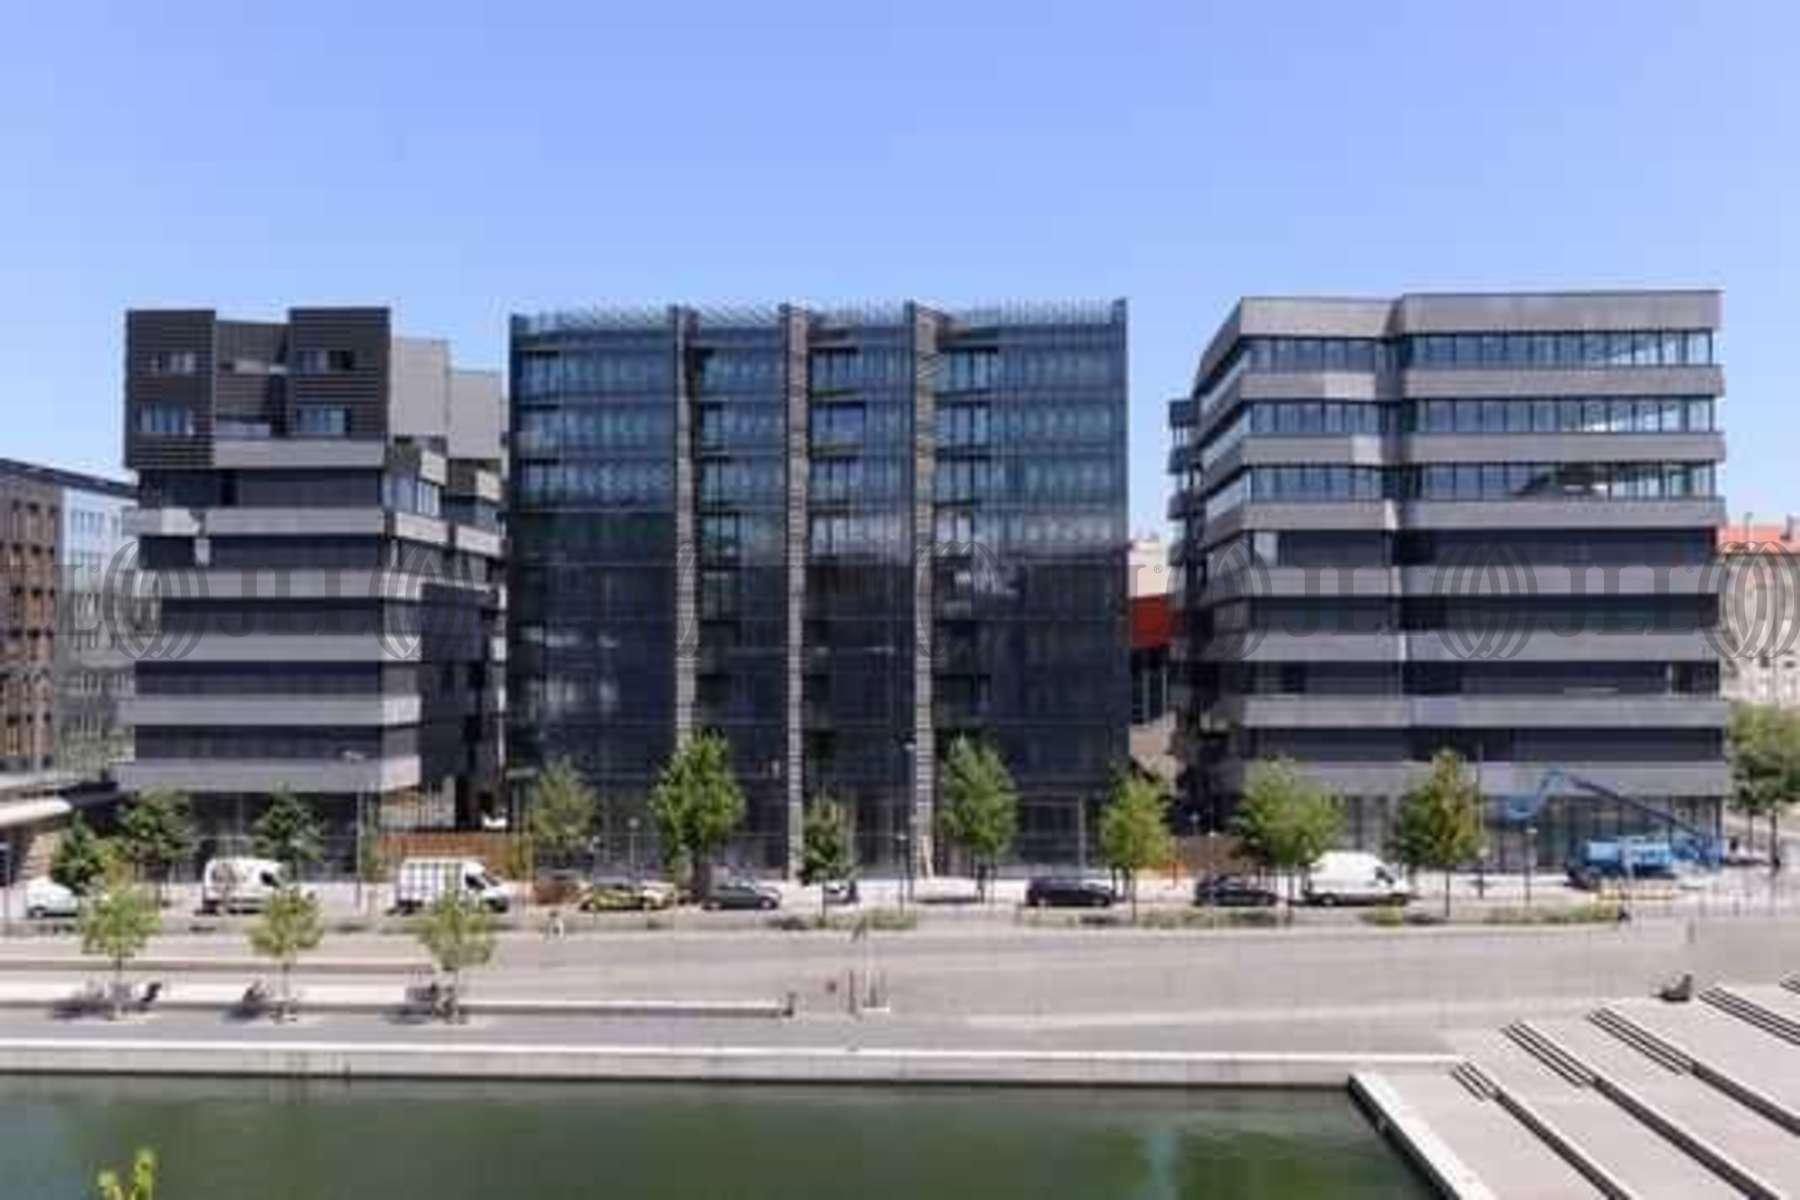 Location Bureaux lyon 2me arrondissement 69002 JLL